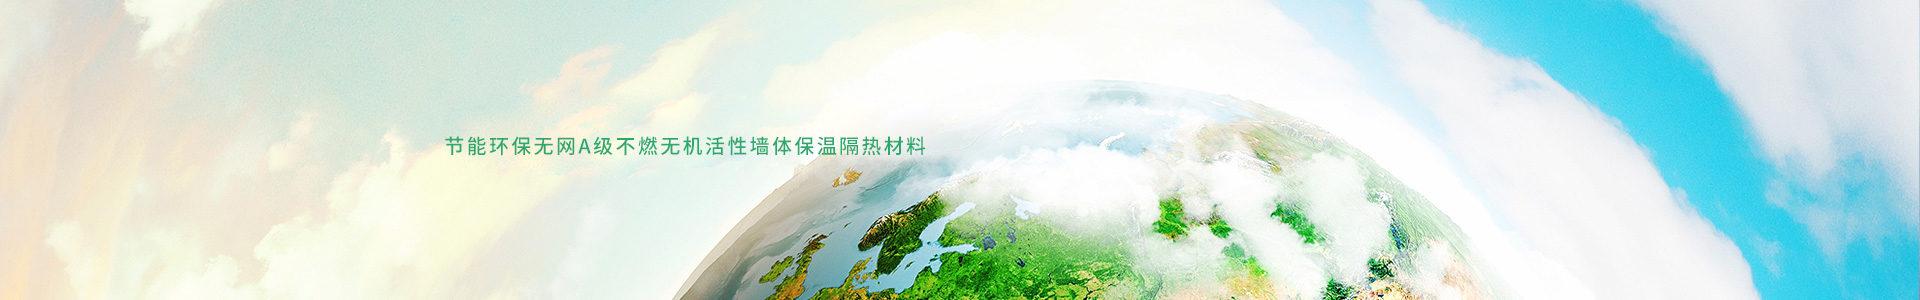 新型环保节能材料